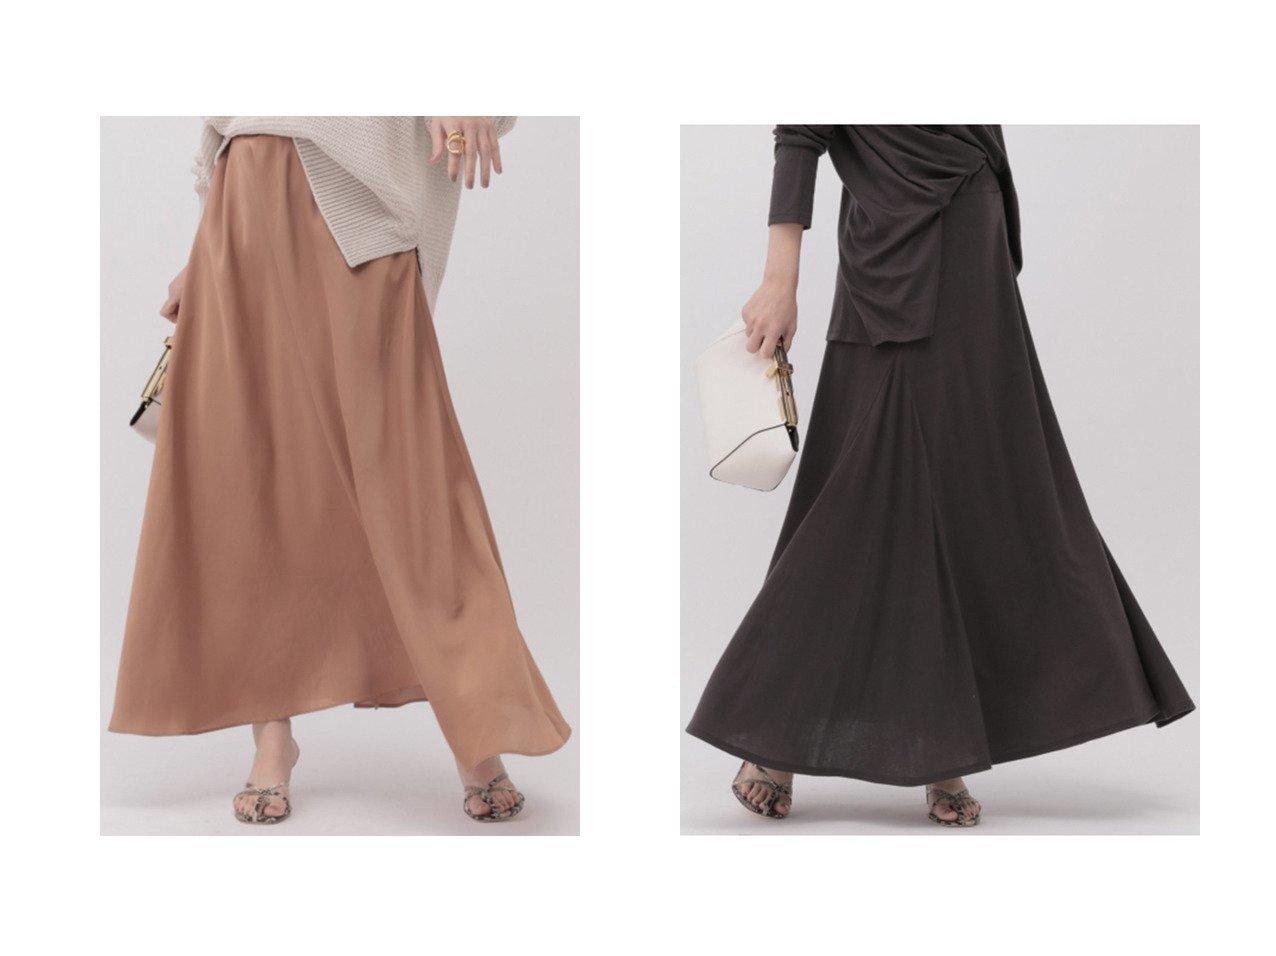 【Chaos/カオス】のジュールサテンフレアースカート&マージミラノカットロングスカート スカートのおすすめ!人気、トレンド・レディースファッションの通販  おすすめで人気の流行・トレンド、ファッションの通販商品 メンズファッション・キッズファッション・インテリア・家具・レディースファッション・服の通販 founy(ファニー) https://founy.com/ ファッション Fashion レディースファッション WOMEN スカート Skirt ロングスカート Long Skirt 2021年 2021 2021 春夏 S/S SS Spring/Summer 2021 S/S 春夏 SS Spring/Summer エアリー シルク シンプル フレア ロング 春 Spring |ID:crp329100000015598